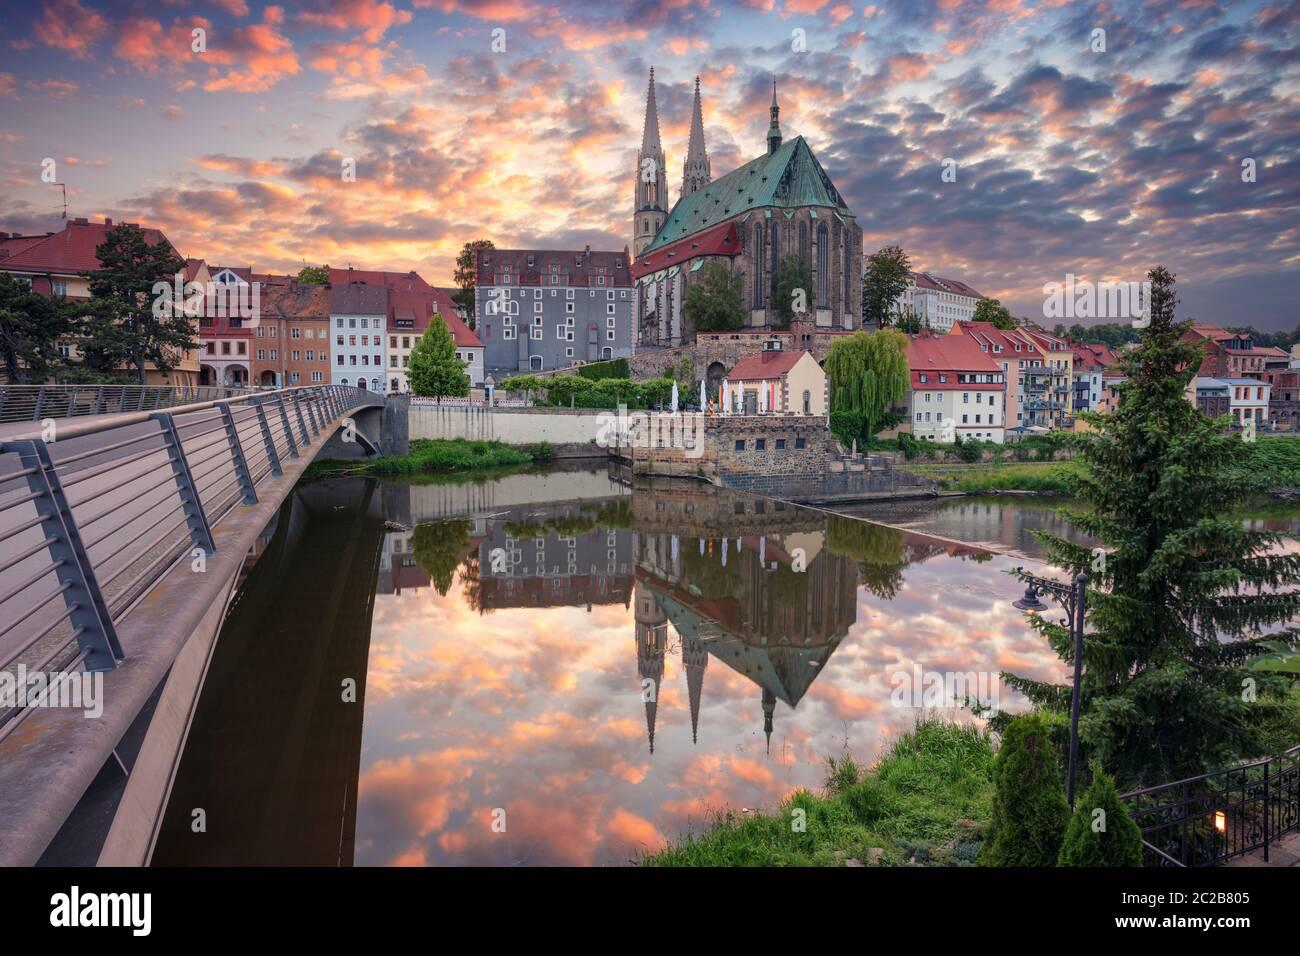 Gorlitz, Allemagne. Image de paysage urbain du centre-ville historique de Gorlitz, Allemagne, au coucher du soleil spectaculaire. Banque D'Images